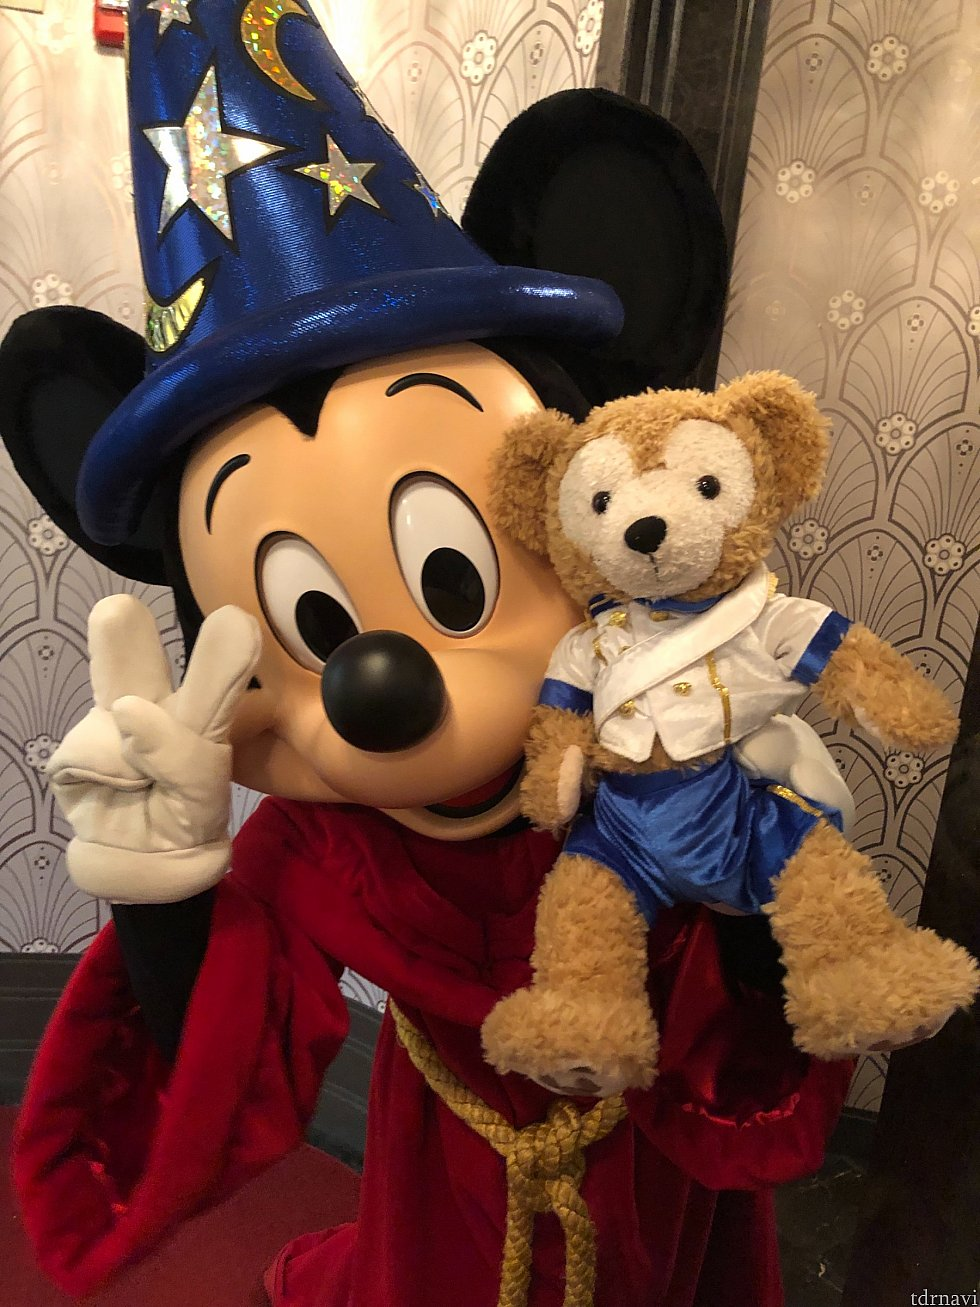 私のダッフィー気に入ってくれてるミッキー🧸 ピースしてくれた✌️ カメラロールがミッキーだらけになるくらいたくさん撮ってくれました! ミッキーがたくさんポーズや撮り方決めてくれたので、ミッキーと撮りたい人はここがオススメです!